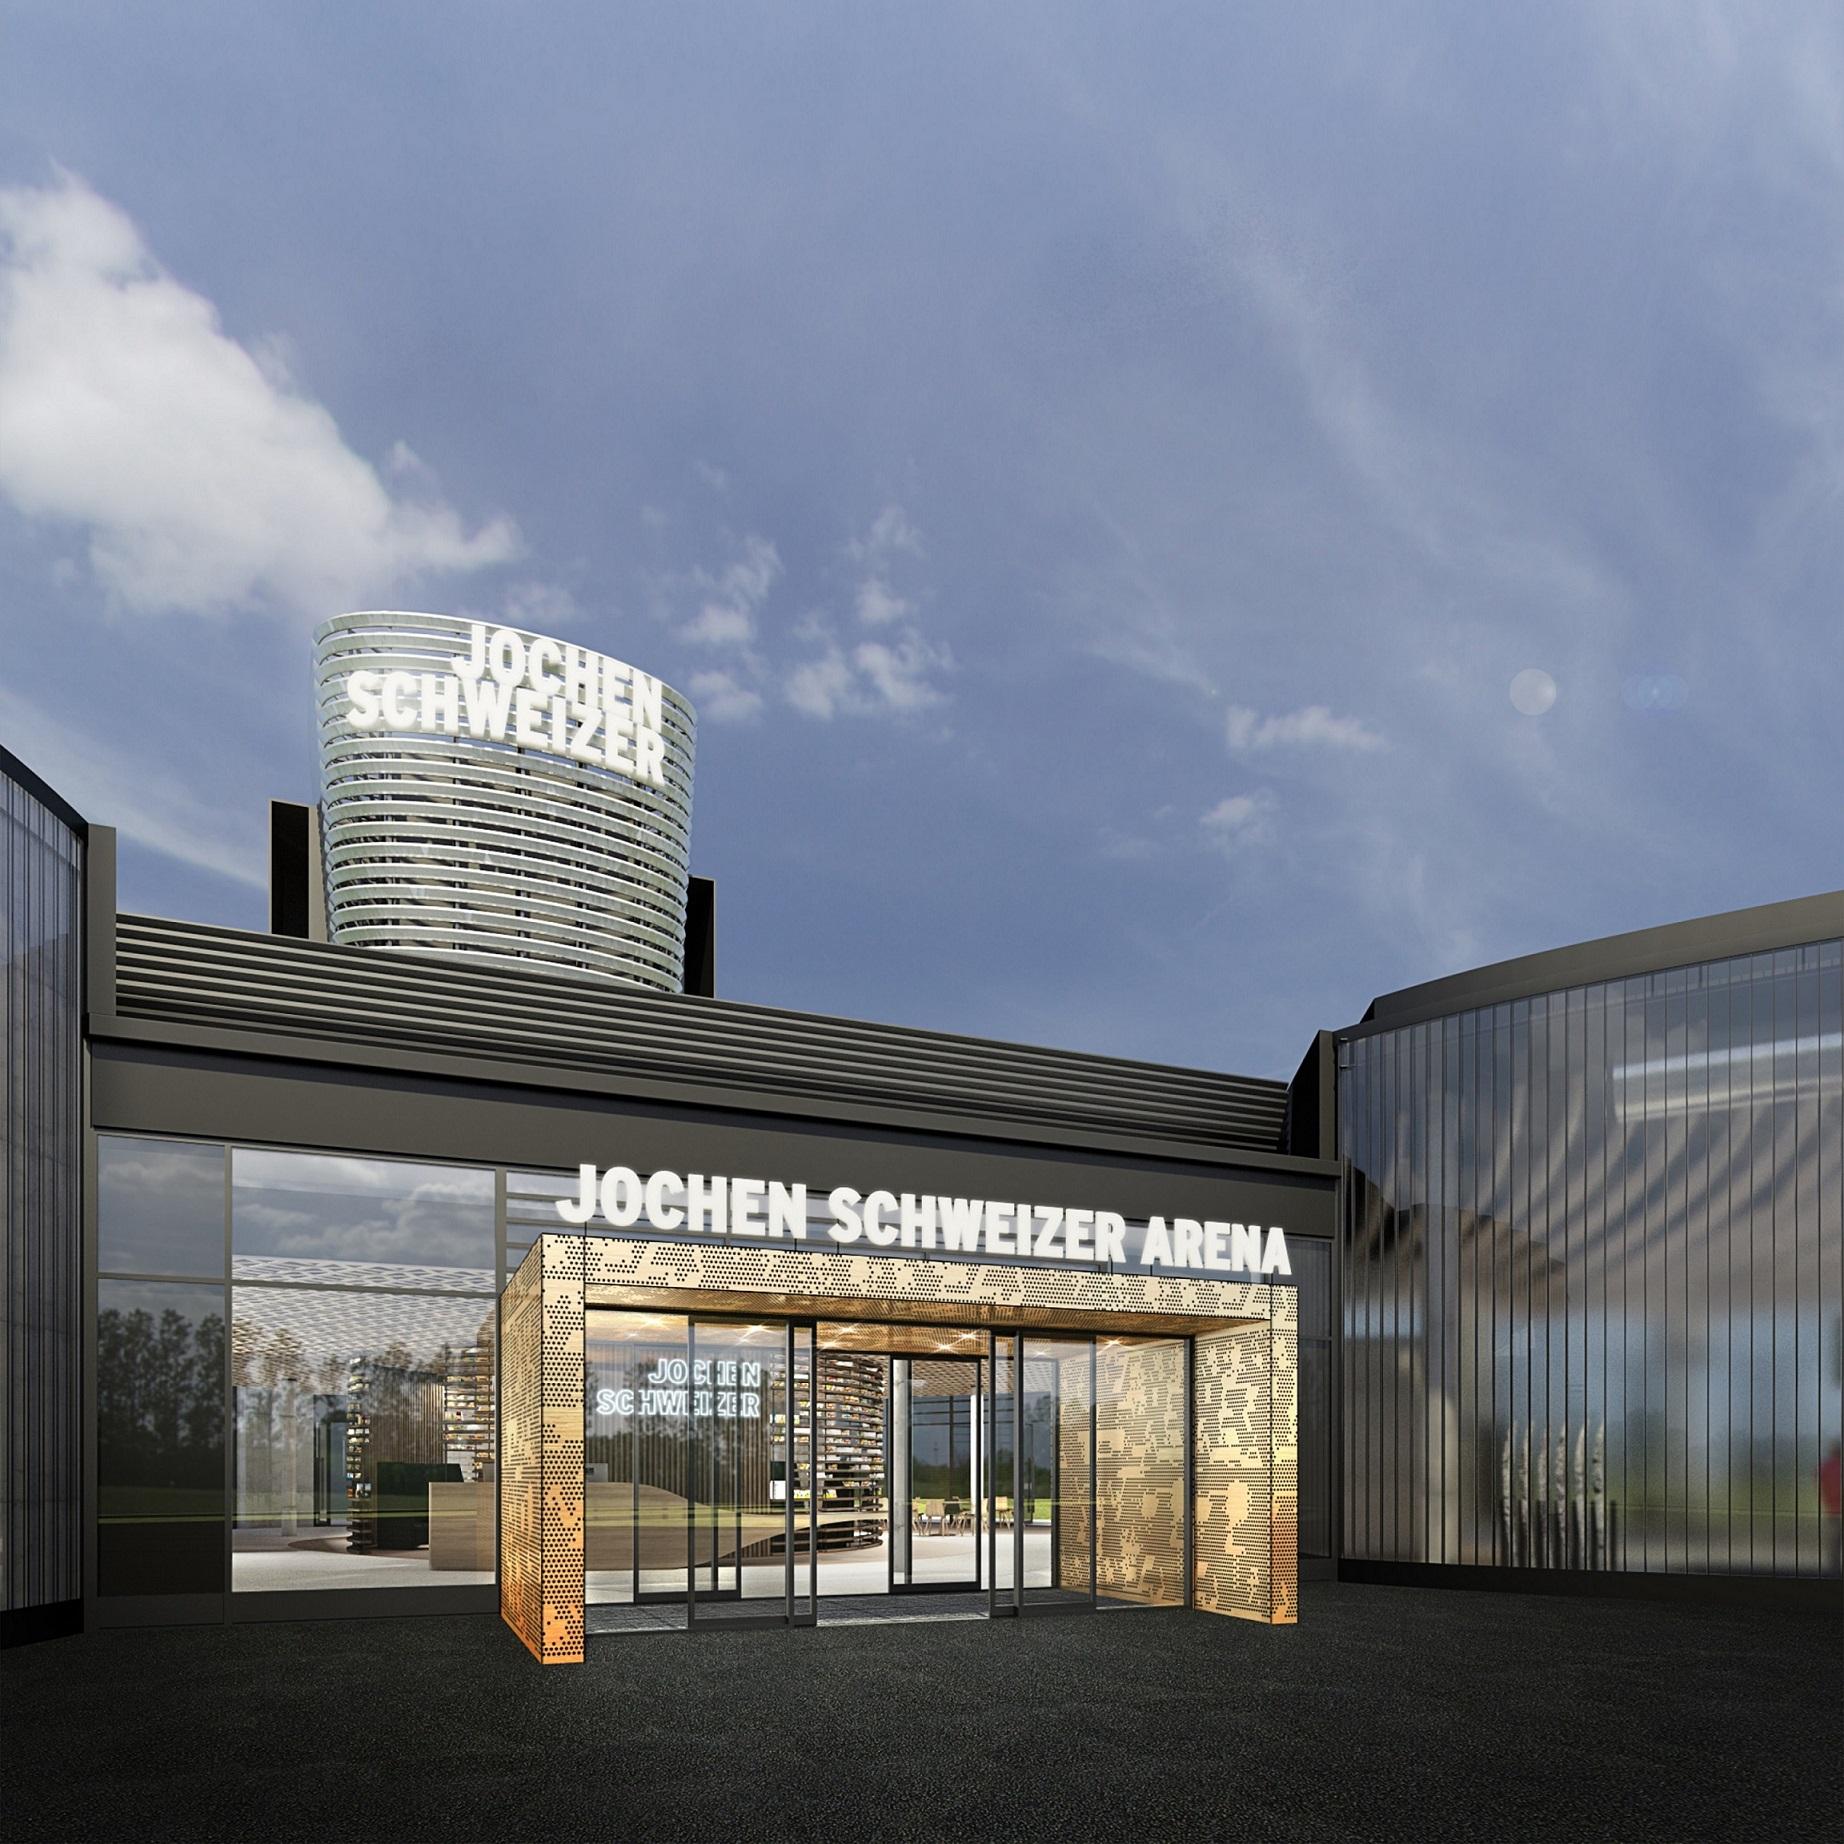 Jochen Schweizer Arena eröffnet am 4. März 2017